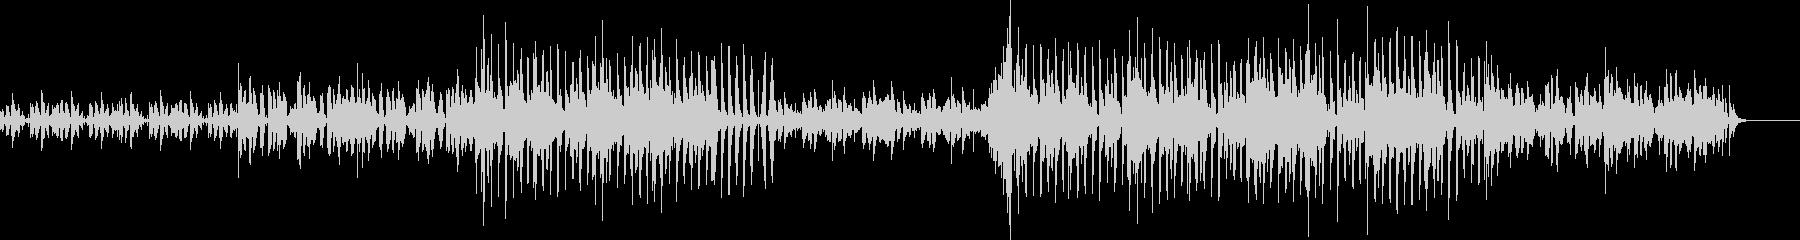 ダウンテンポ・エレクトロの未再生の波形